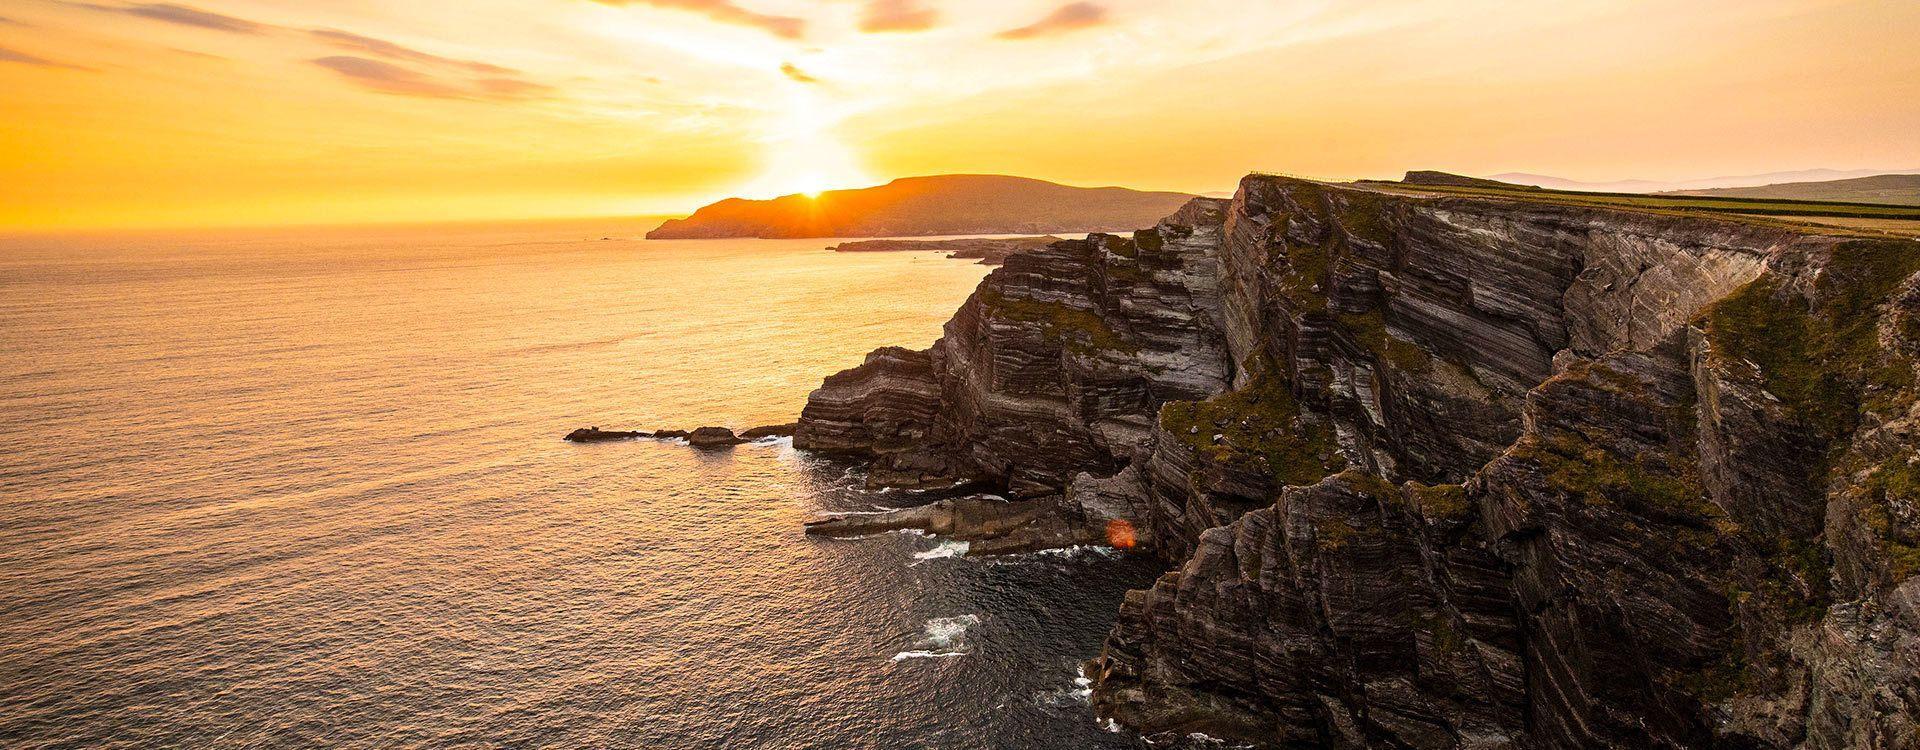 Excursión de tres días al sur de Irlanda desde Dublín